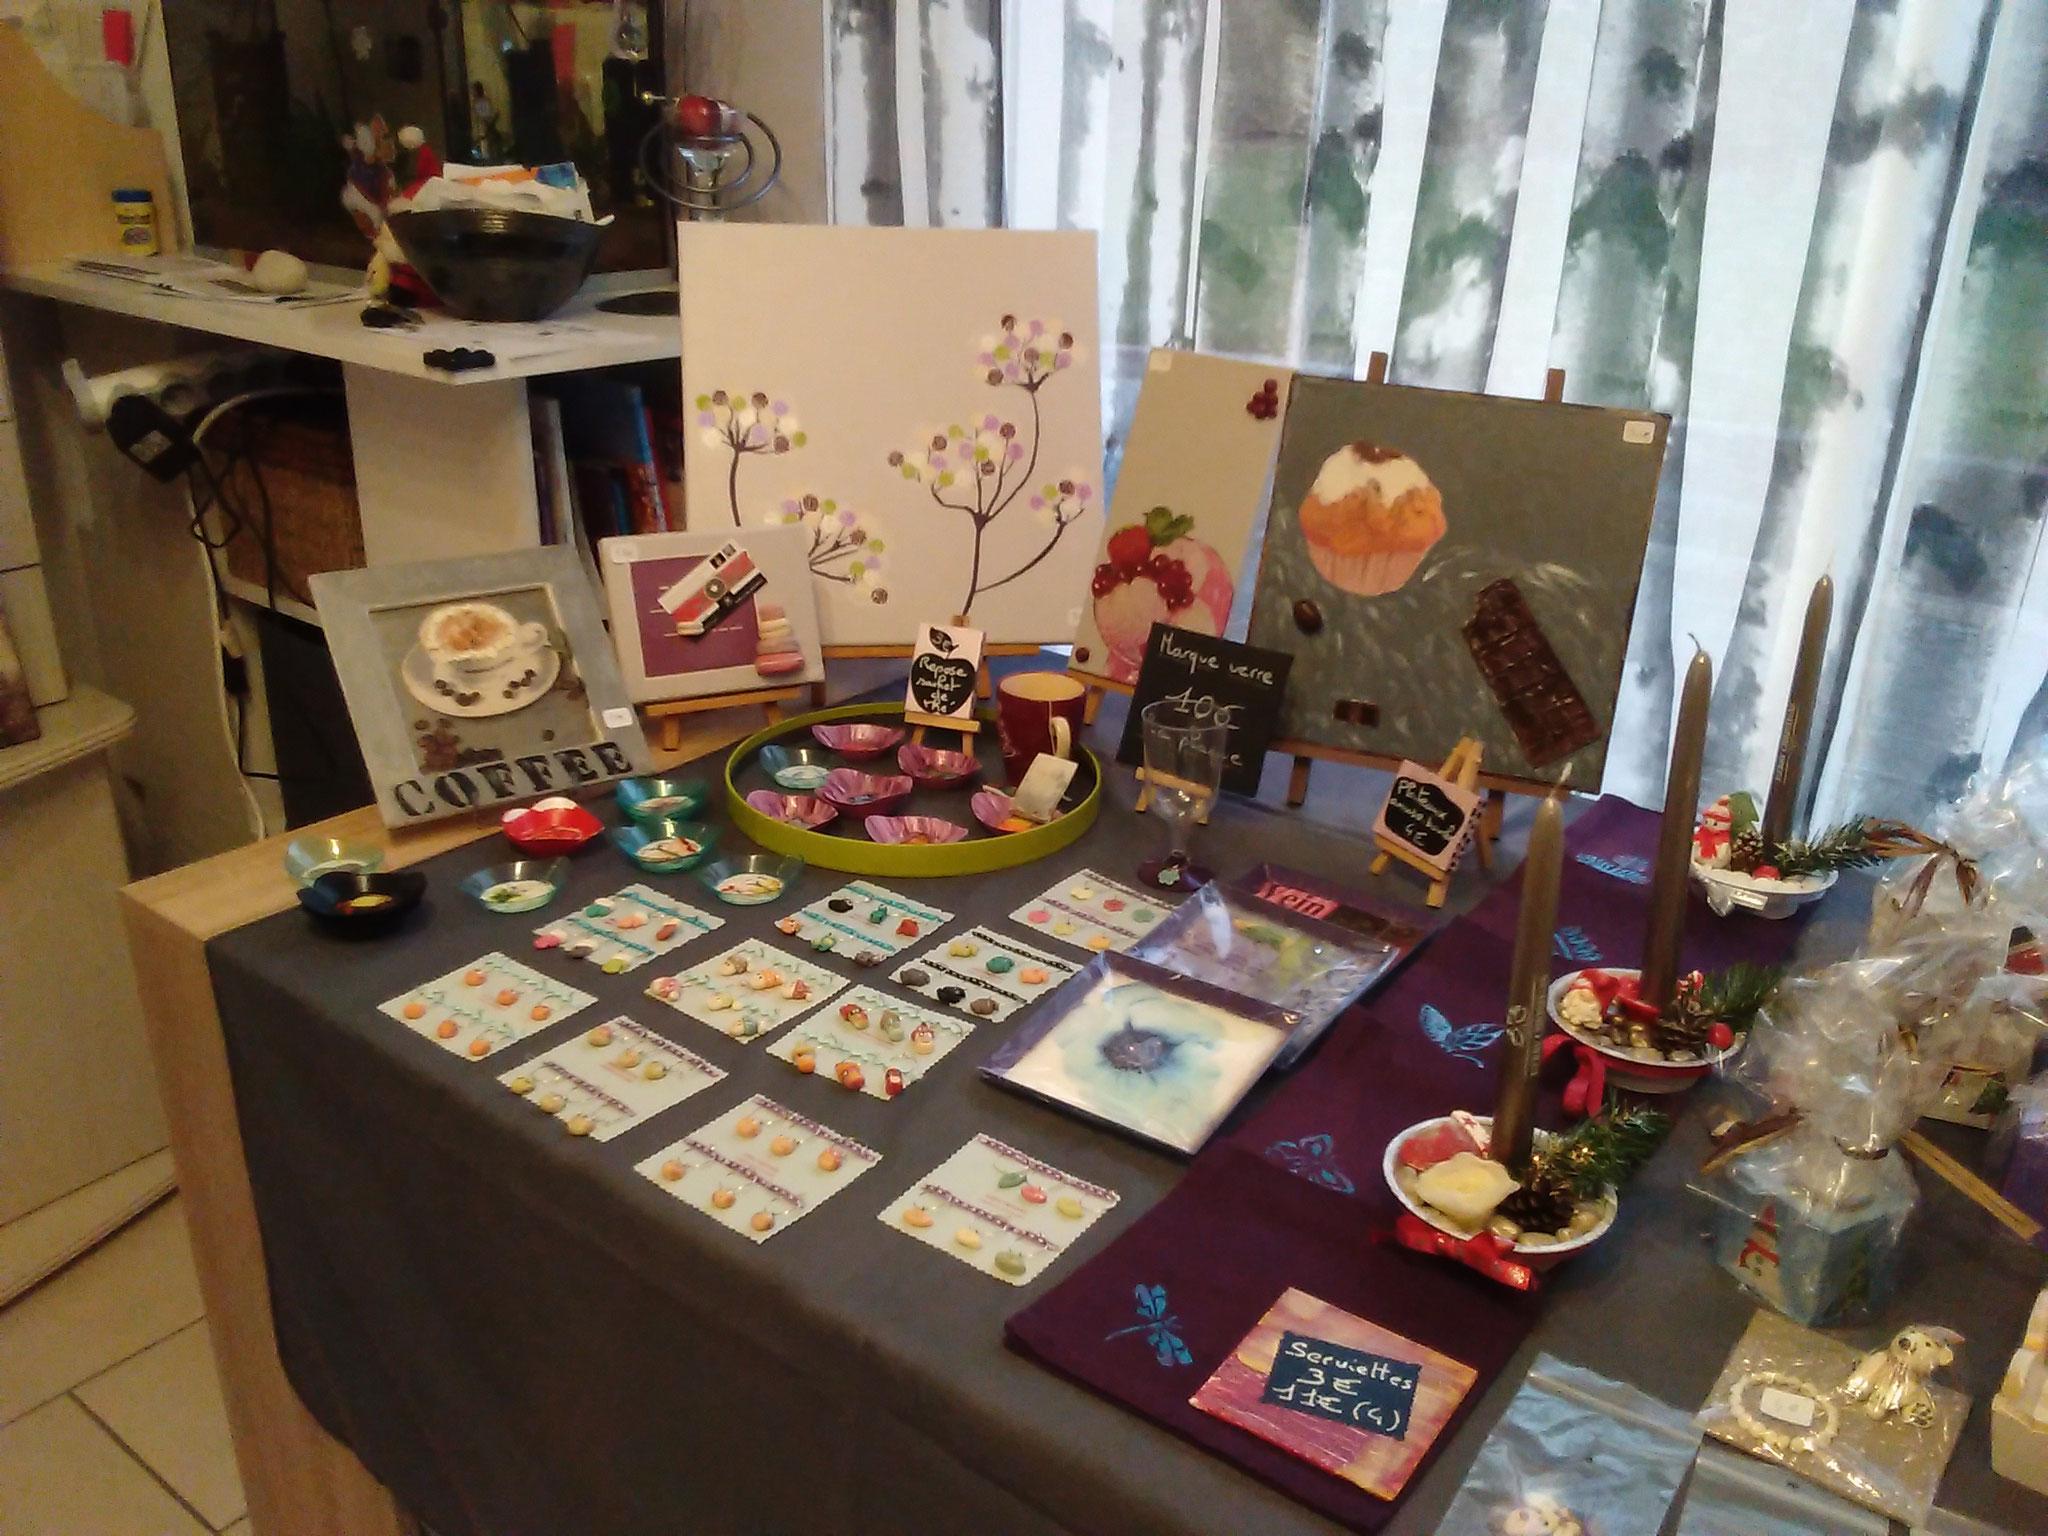 déco bois , art de la table, tableaux gourmands, marques verres ,repose sachet de thé....